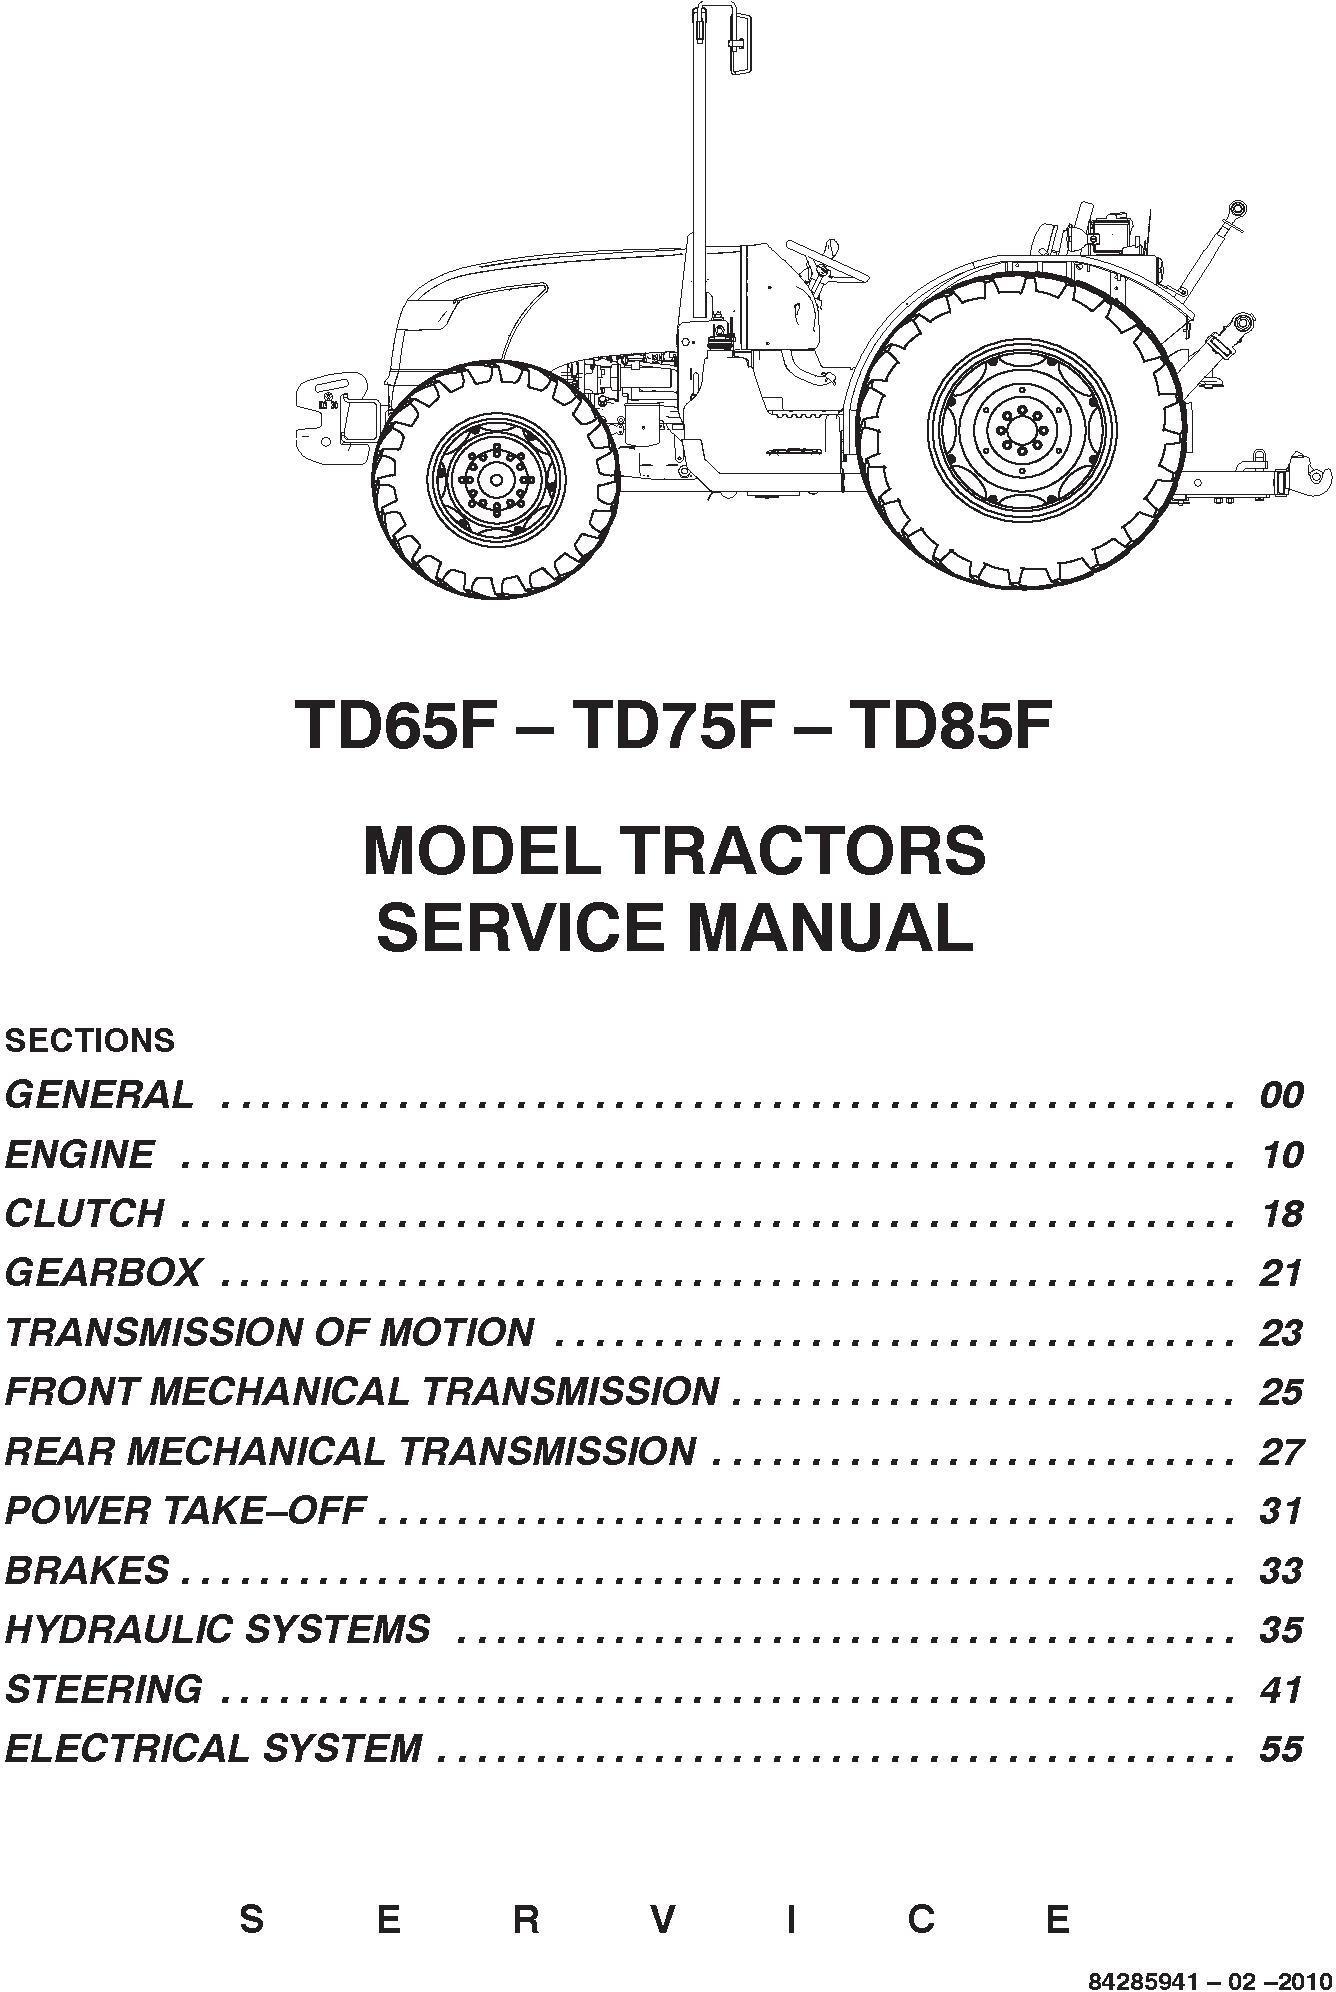 New Holland TD65F, TD75F, TD85F Tractors Service Manual - 1